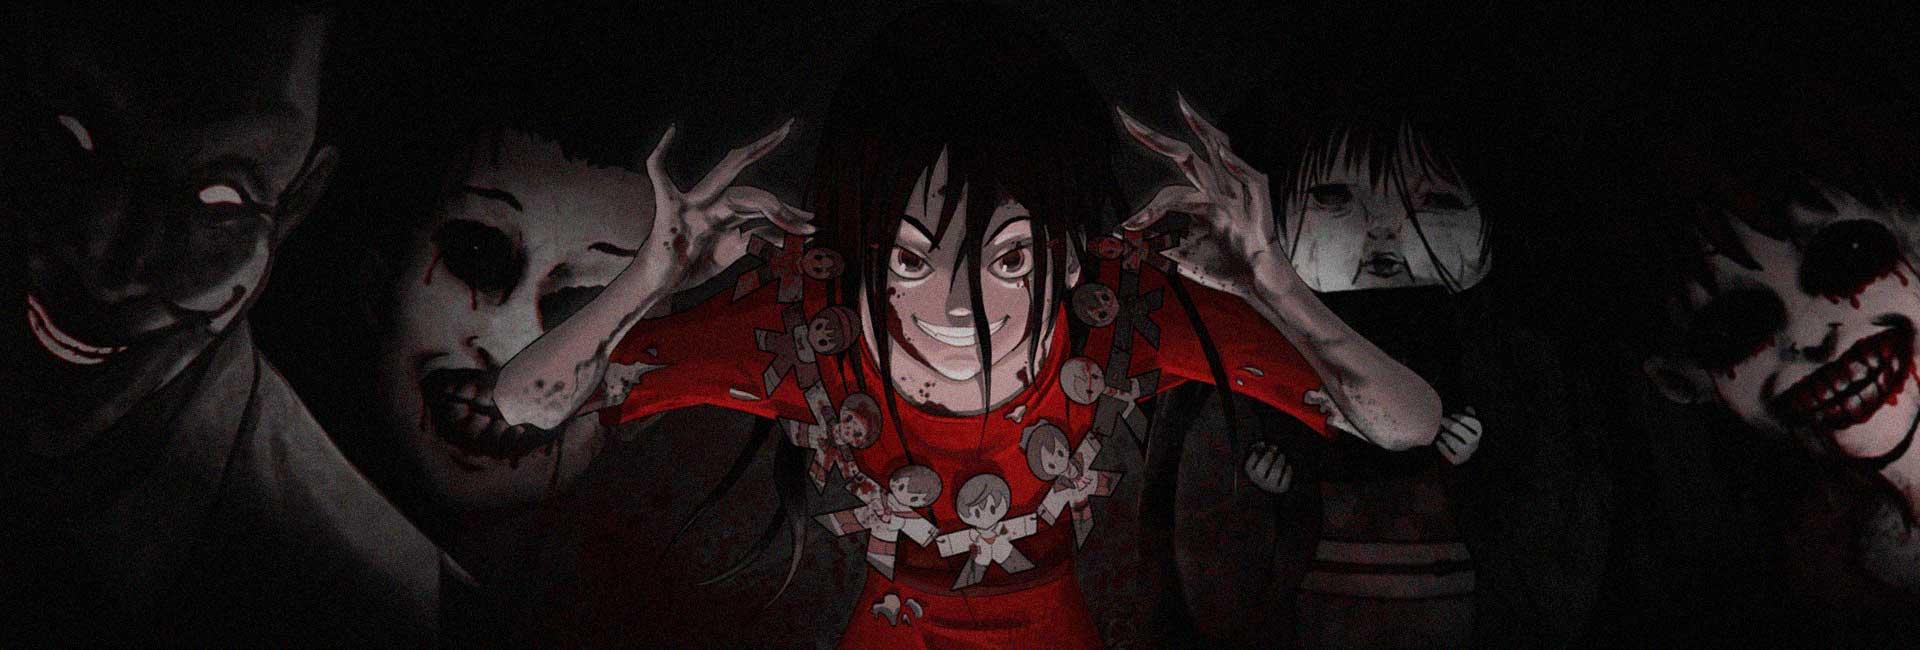 ótimos animes de terror, com corpse party e horror stories na capa, muitos rostos macabros em um ambiente escuro